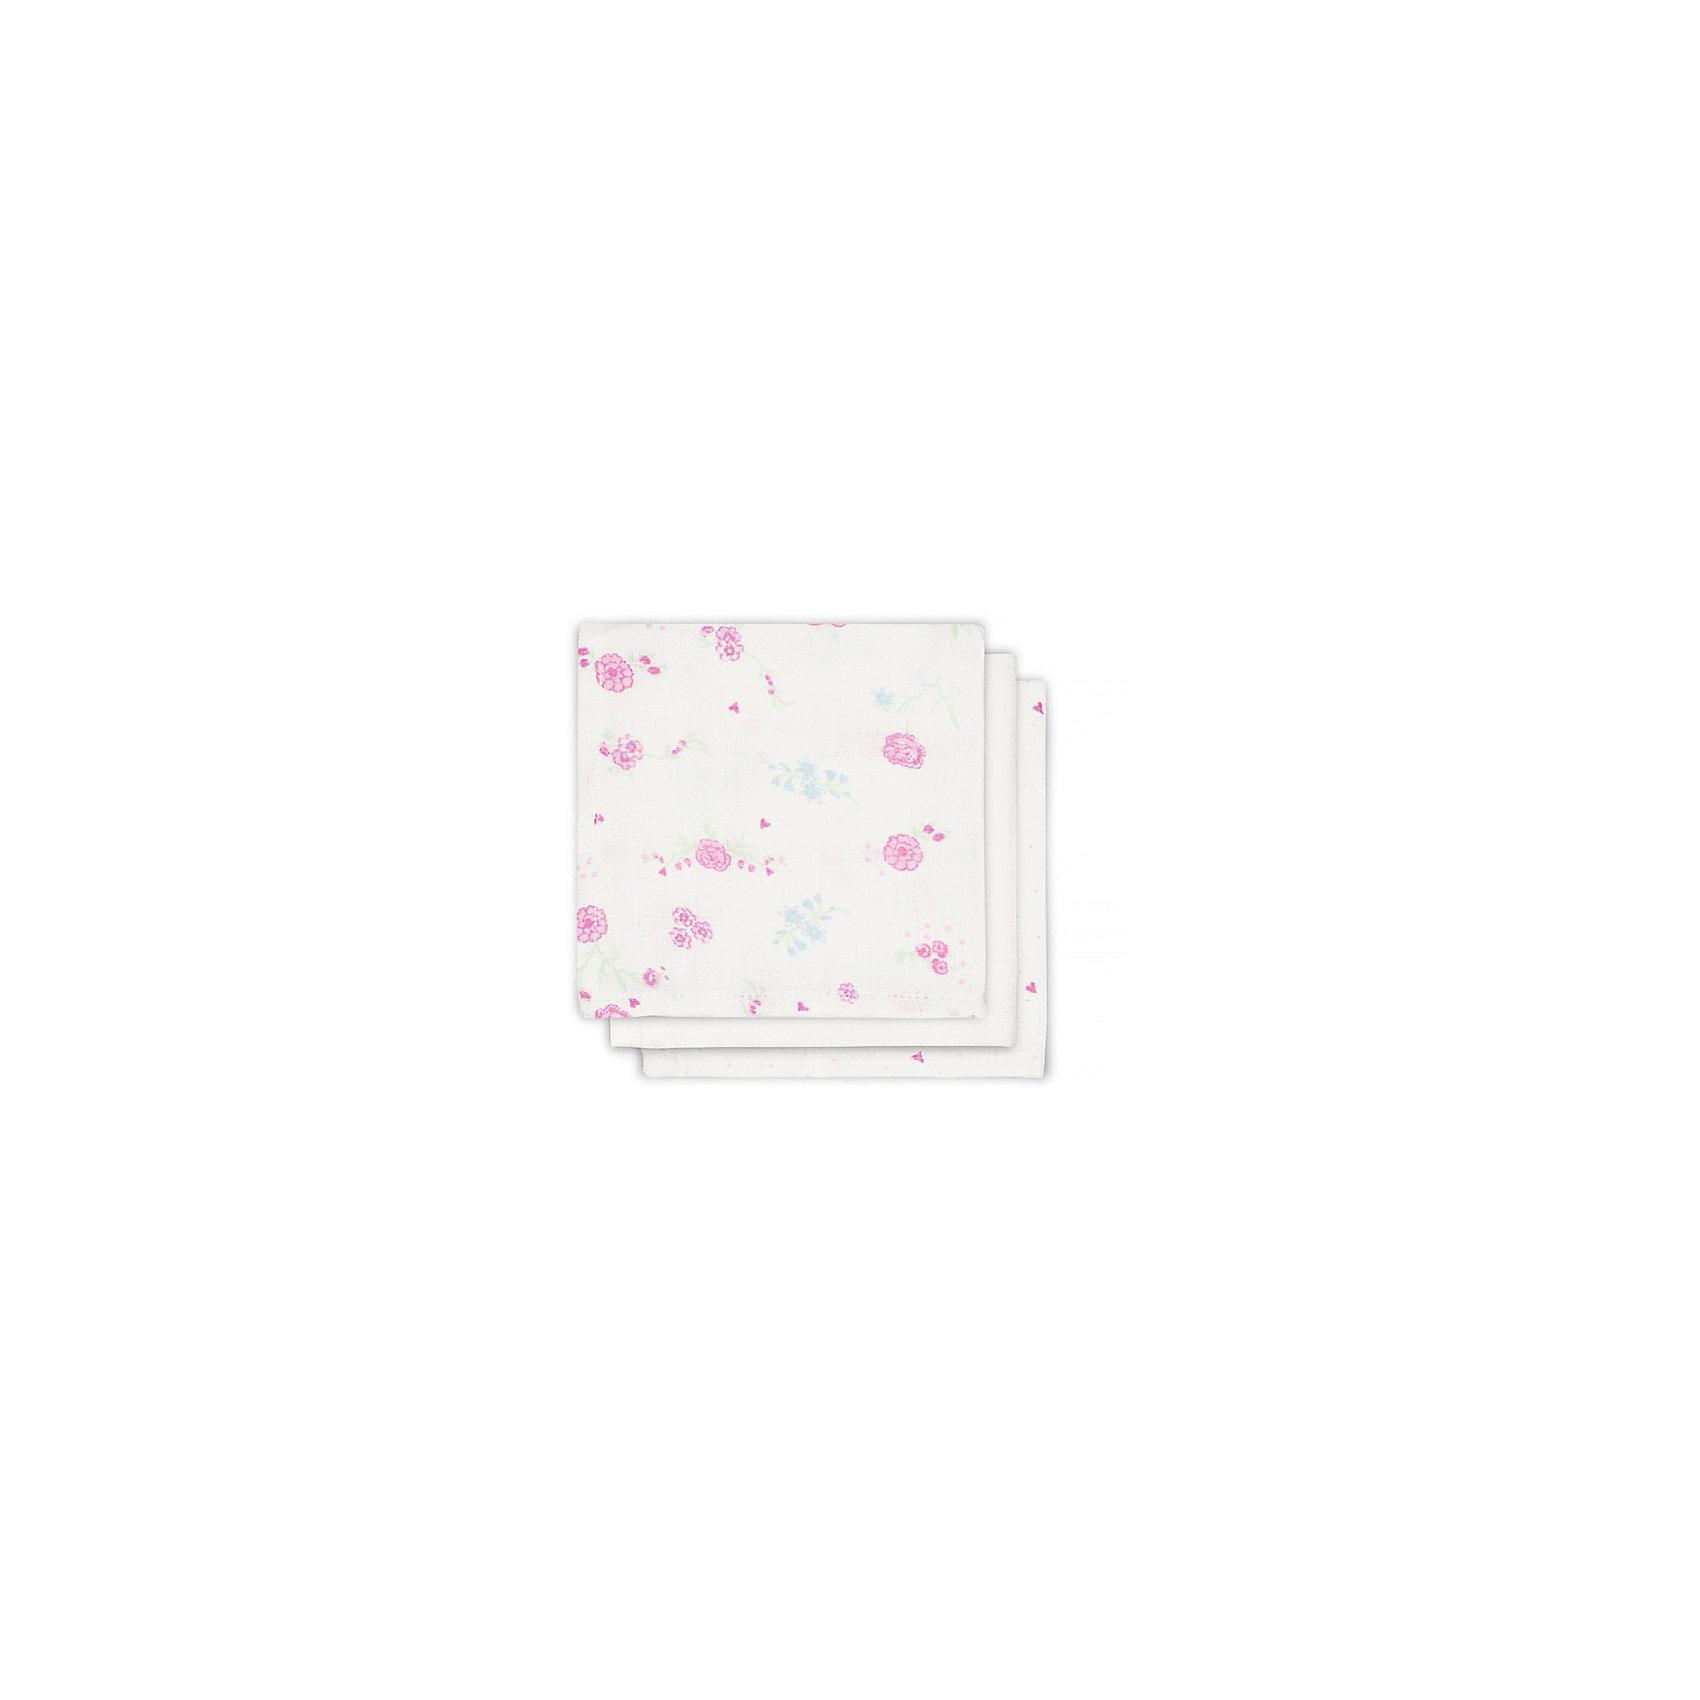 Салфетки для лица, 3 шт, Jollein, Blooming pinkУход за ребенком<br>Характеристики:<br><br>• Вид детского текстиля: салфетки для лица<br>• Пол: для девочки<br>• Цвет: белый, розовый<br>• Тематика рисунка: цветы<br>• Материал: 100% хлопок<br>• Размер: 30*30 см<br>• Вес: 90 г<br>• Особенности ухода: машинная или ручная стирка при температуре не более 40 градусов<br><br>Салфетки для лица, 3 шт, Jollein, Blooming pink от торговой марки Жолляйн, которая является признанным лидером среди аналогичных брендов, выпускающих детское постельное белье и текстиль для новорожденных и детей. Продукция этого торгового бренда отличается высоким качеством и дизайнерским стилем. <br><br>Салфетки выполнены из муслина, который состоит из натурального хлопка, что обеспечивает повышенную впитываемость, быстрое высыхание и сохранение формы и цвета при частных стирках. <br><br>Салфетки имеют компактный размер, поэтому их удобно брать с собой в поездки и в детскую поликлинику. Салфетки для лица, 3 шт, Jollein, Blooming pink обеспечат малышу опрятный внешний вид во время кормления или прогулки!<br><br>Салфетки для лица, 3 шт, Jollein, Blooming pink можно купить в нашем интернет-магазине.<br><br>Ширина мм: 150<br>Глубина мм: 160<br>Высота мм: 20<br>Вес г: 300<br>Возраст от месяцев: 0<br>Возраст до месяцев: 36<br>Пол: Женский<br>Возраст: Детский<br>SKU: 5367200